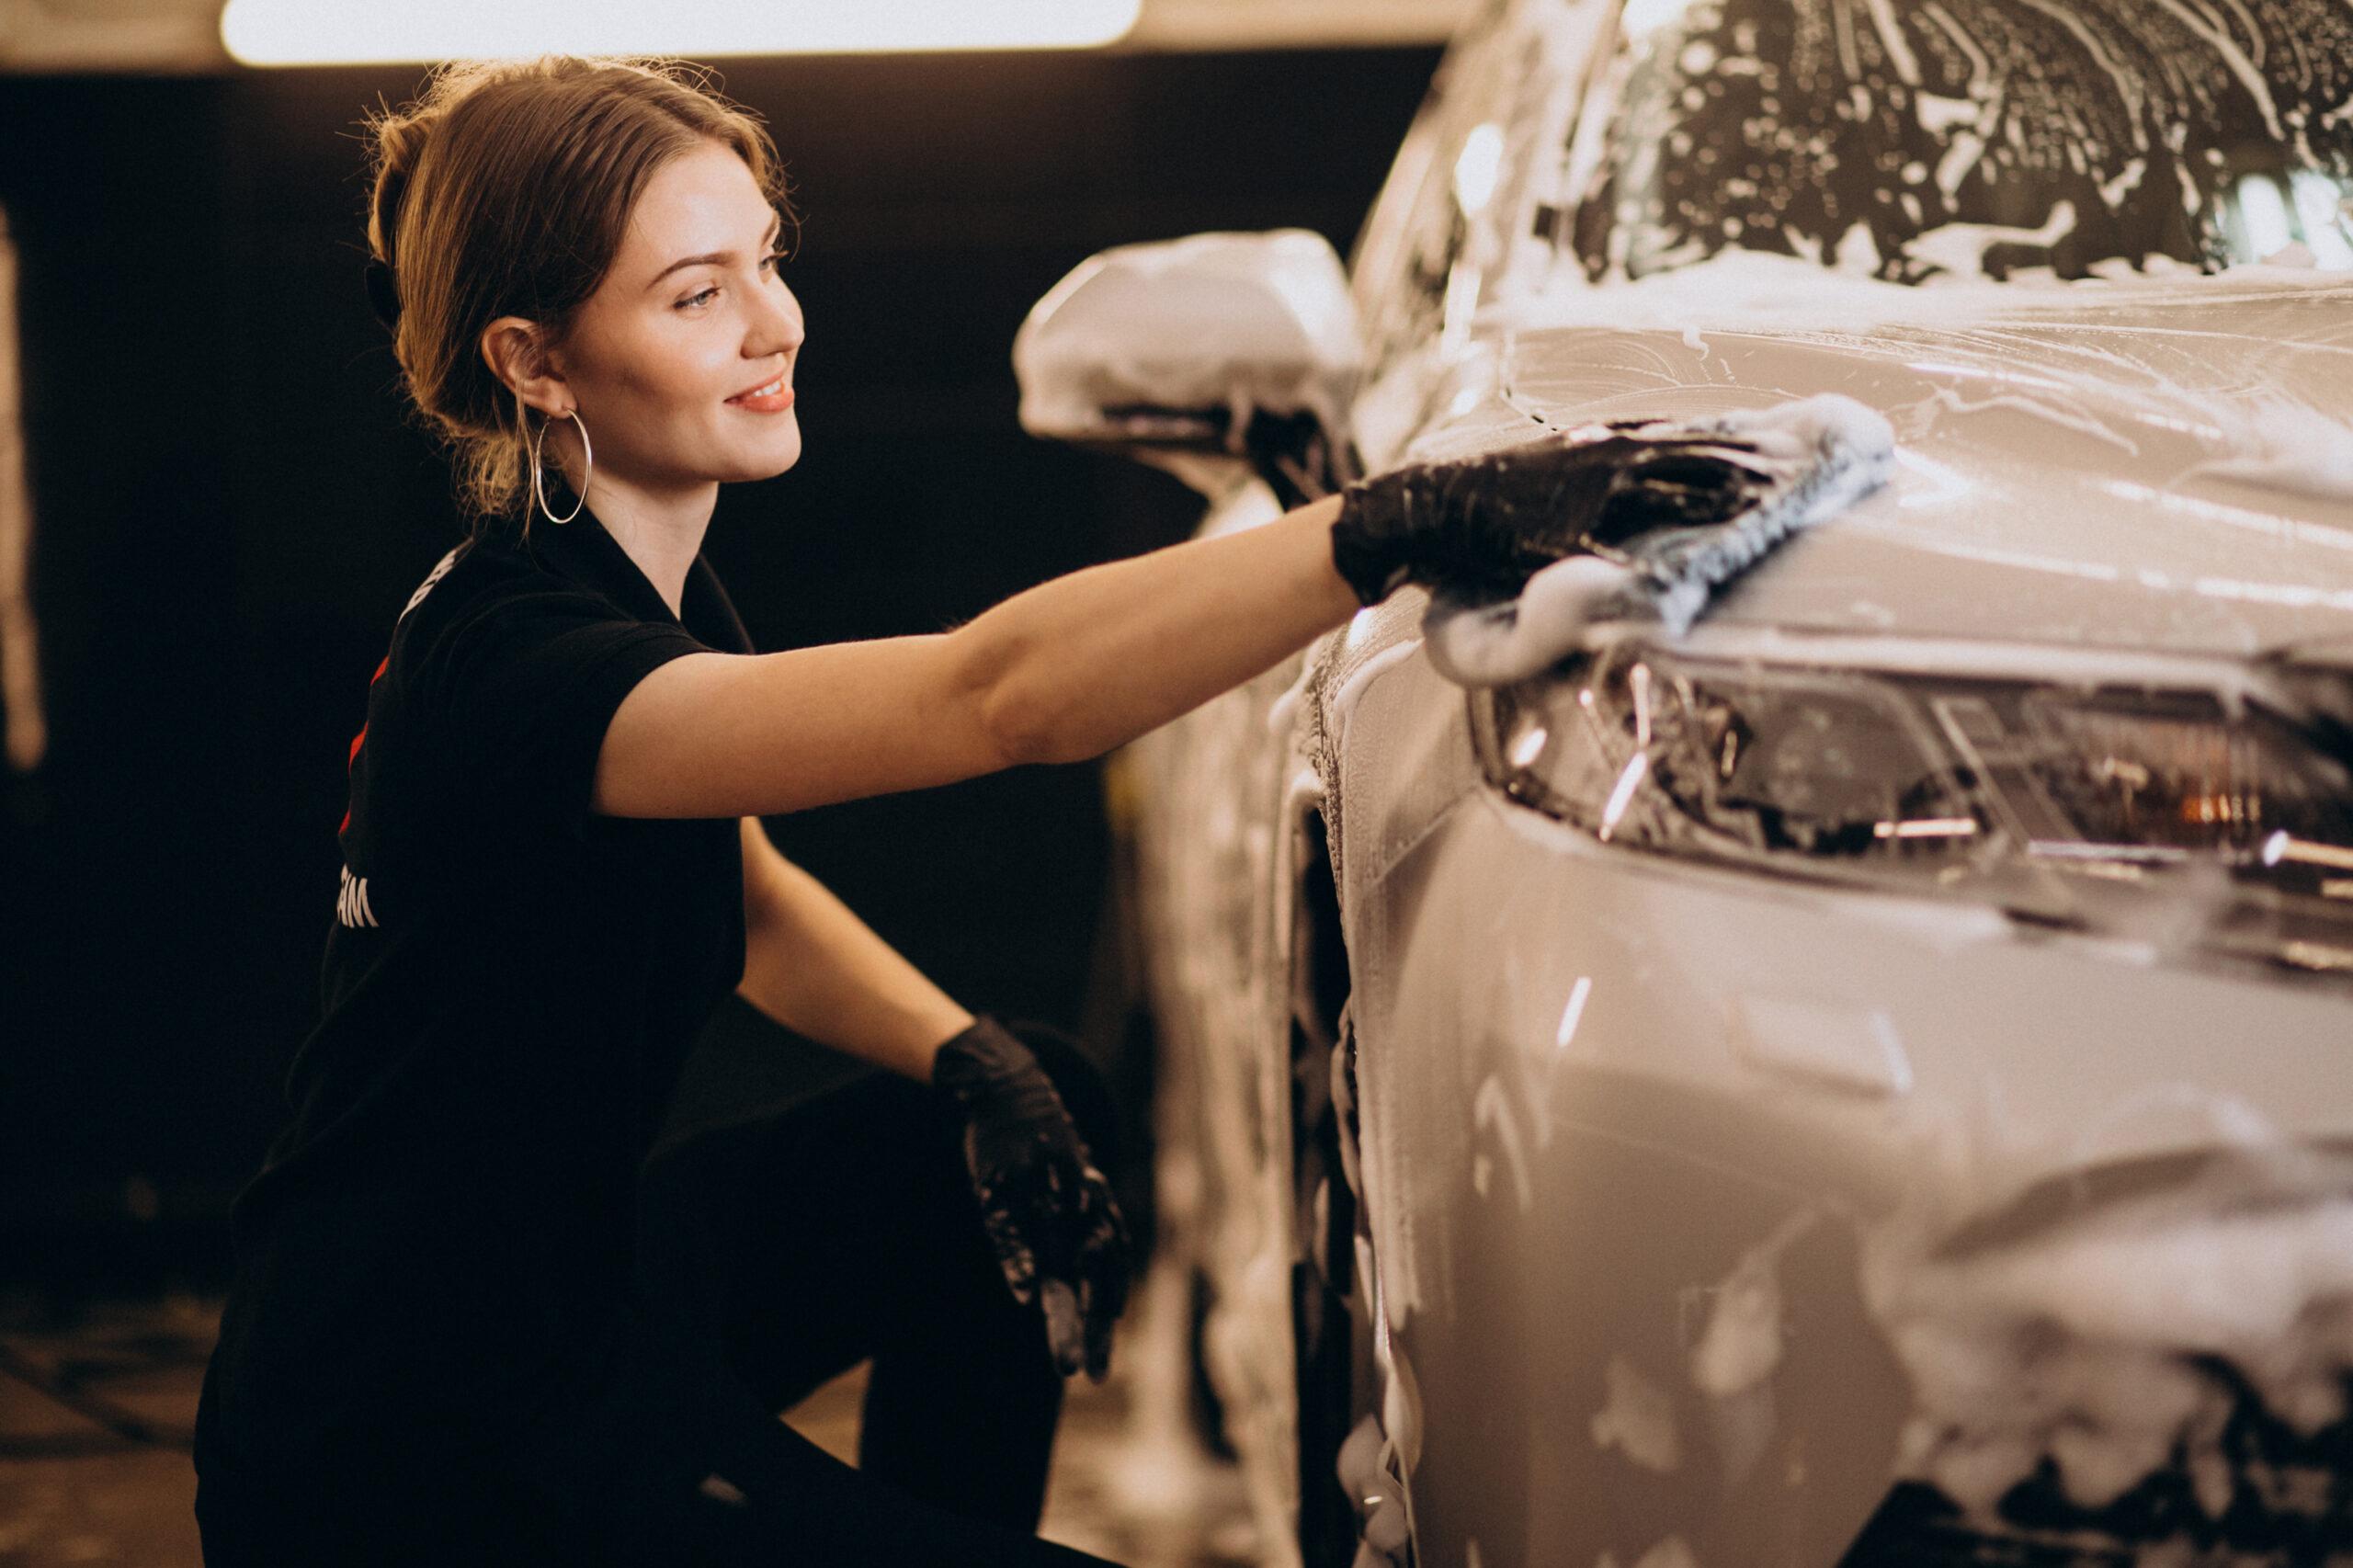 Vemos uma mulher lavando um carro (imagem ilustrativa). Texto: franquia de produtos de limpeza.